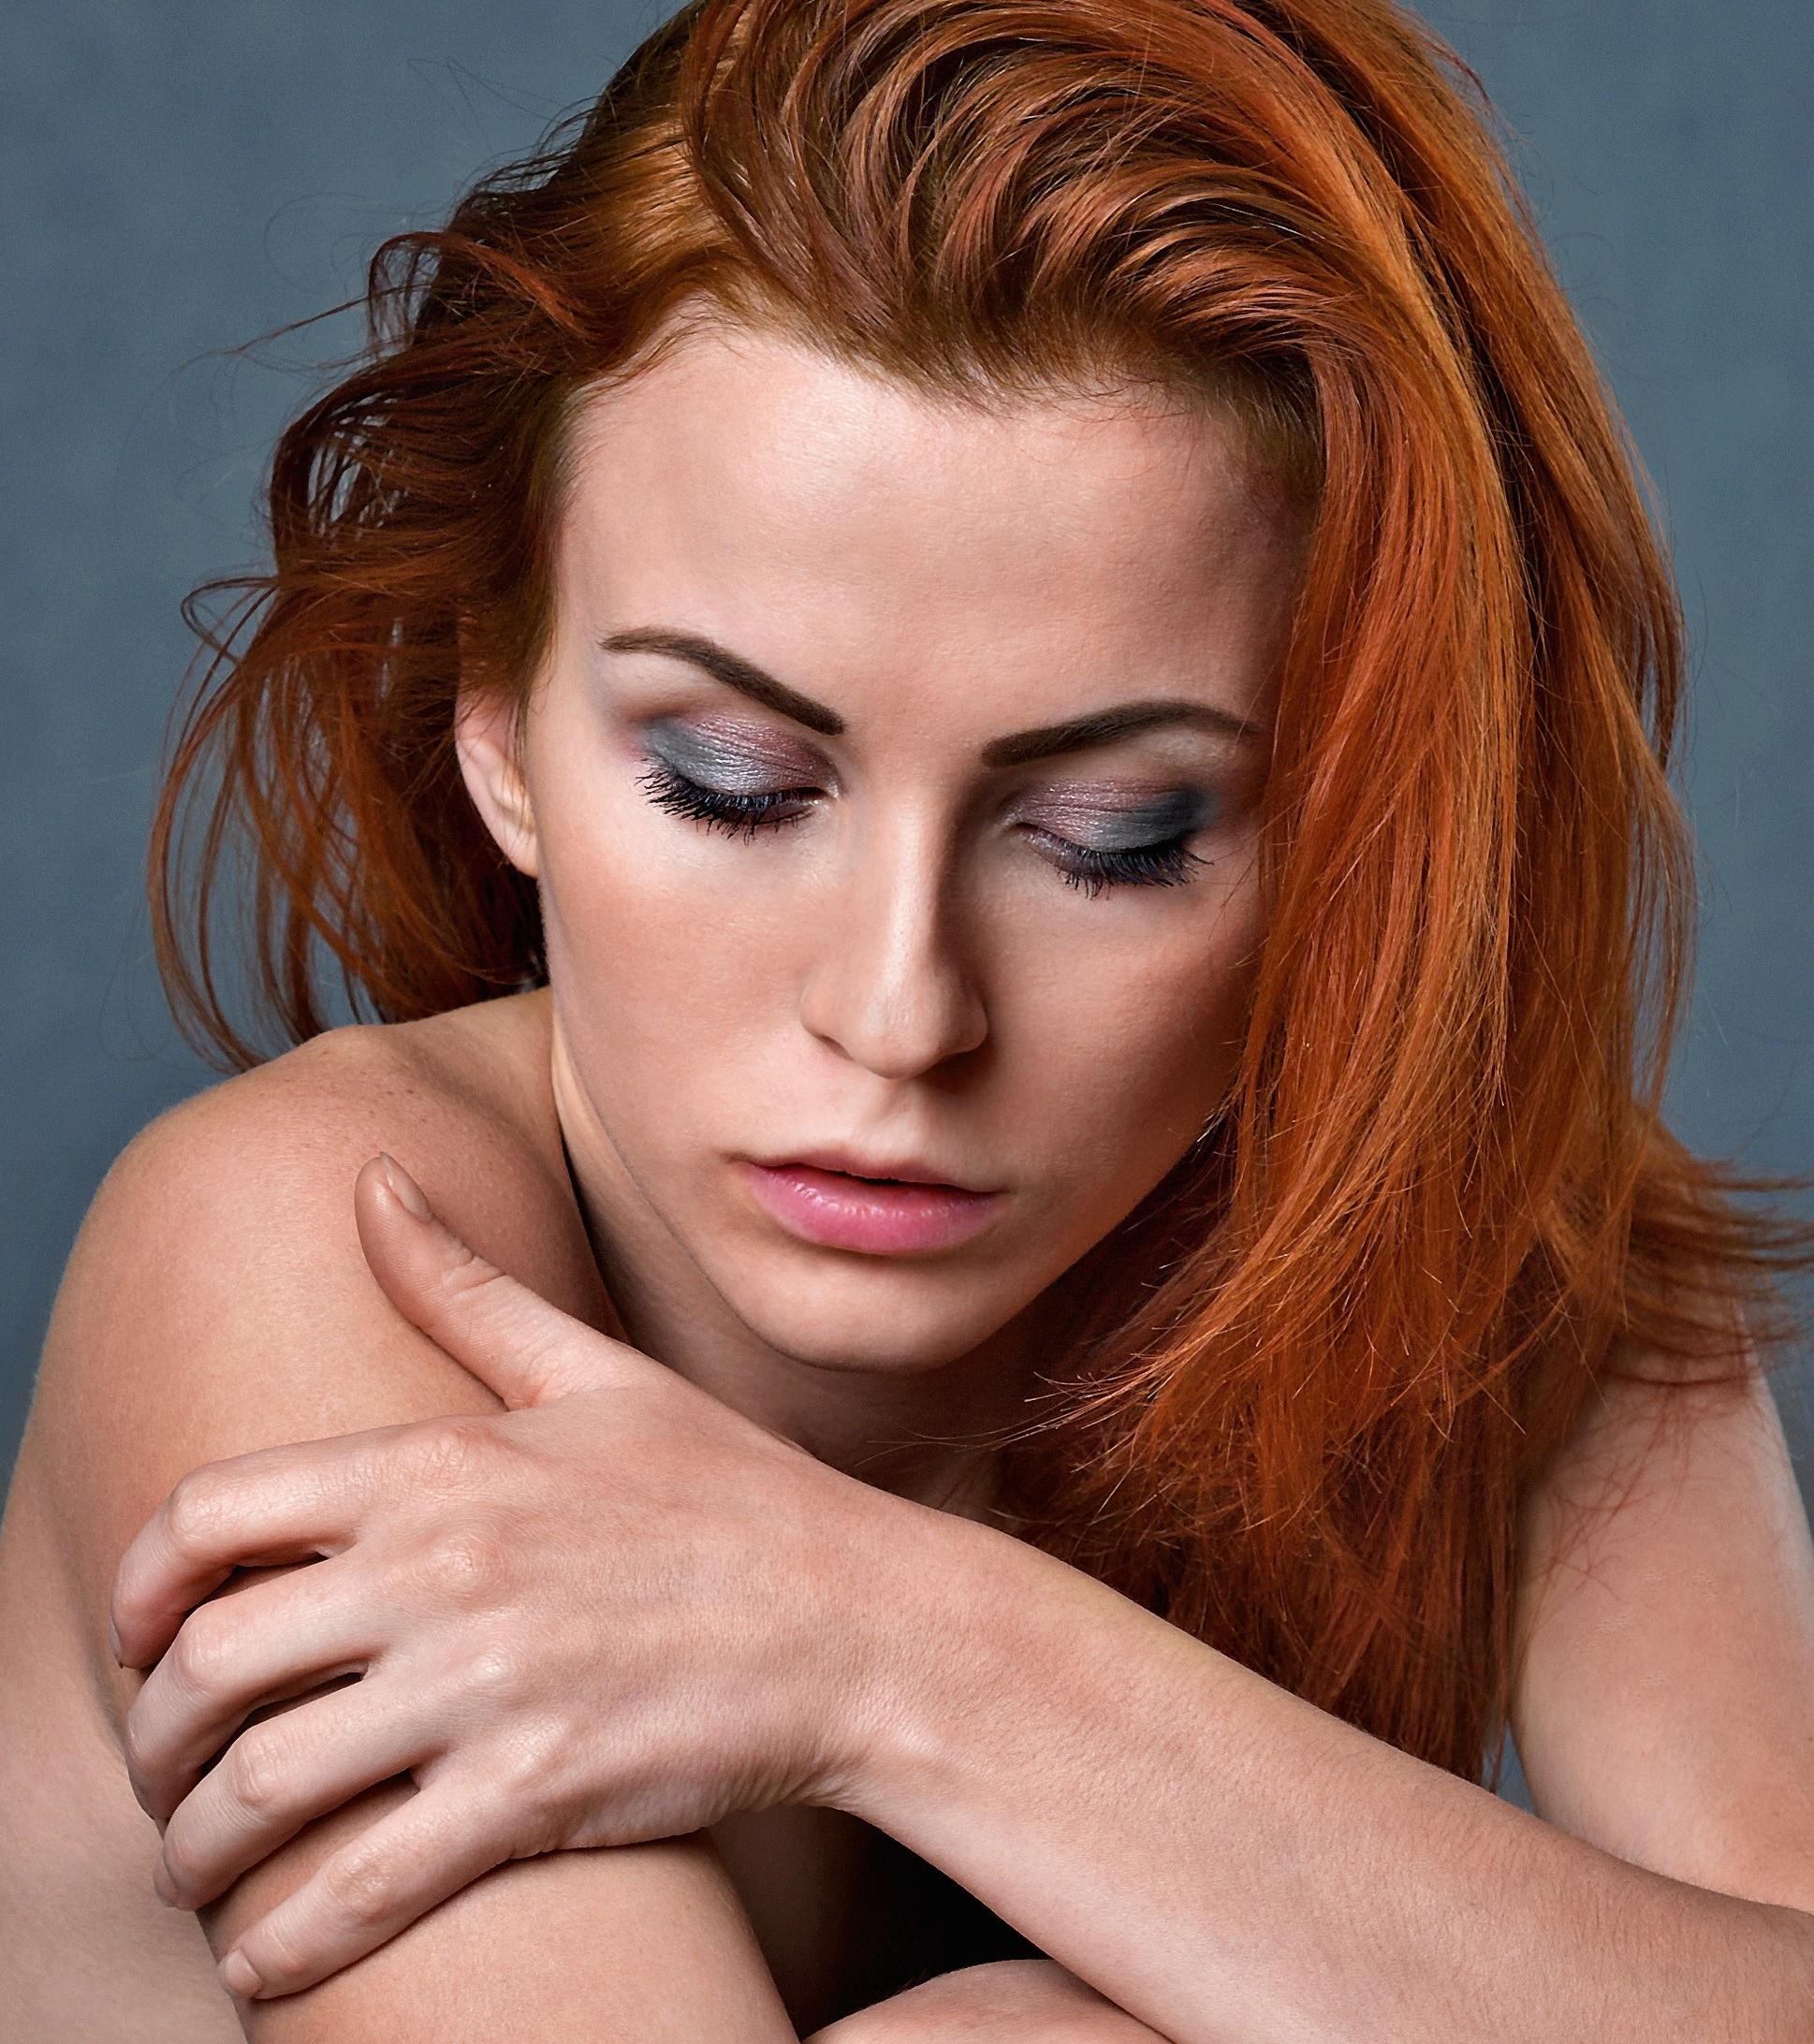 Польза домашних масок и другие мифы: 13 советов по уходу за волосами от профи